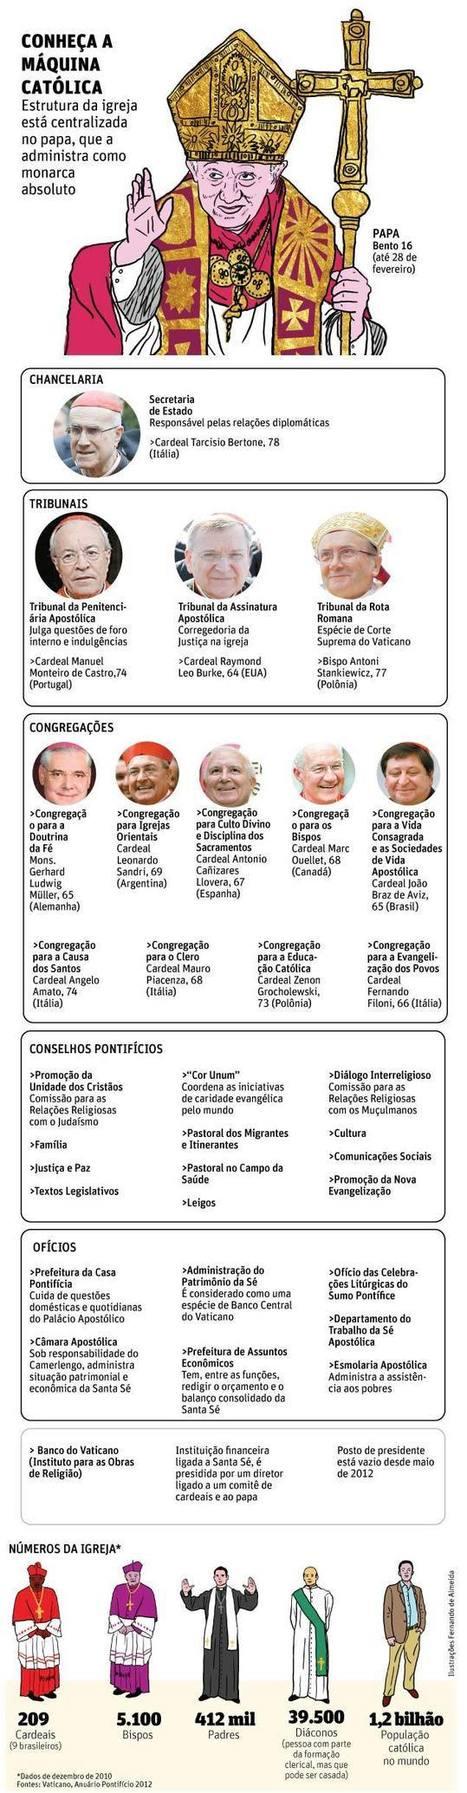 Folha de S.Paulo - Mundo - Veja como funciona a estrutura da Igreja Católica - 15/02/2013 | Luxemburgo | Scoop.it